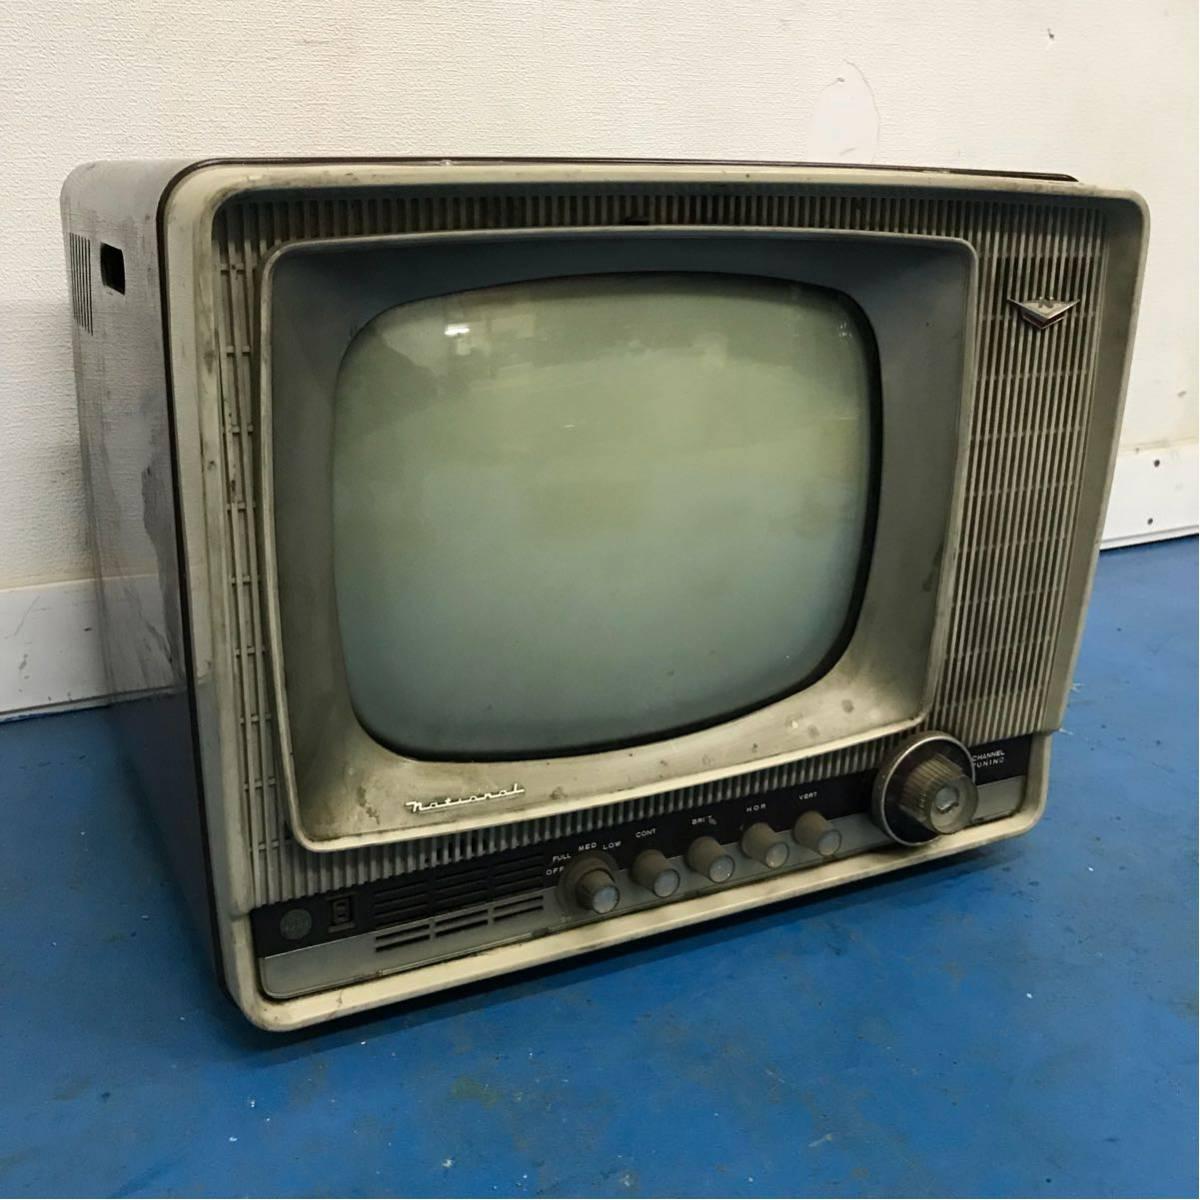 National ブラウン管 テレビ 昭和レトロ ナショナル アンティーク 格安売り切りスタート◎